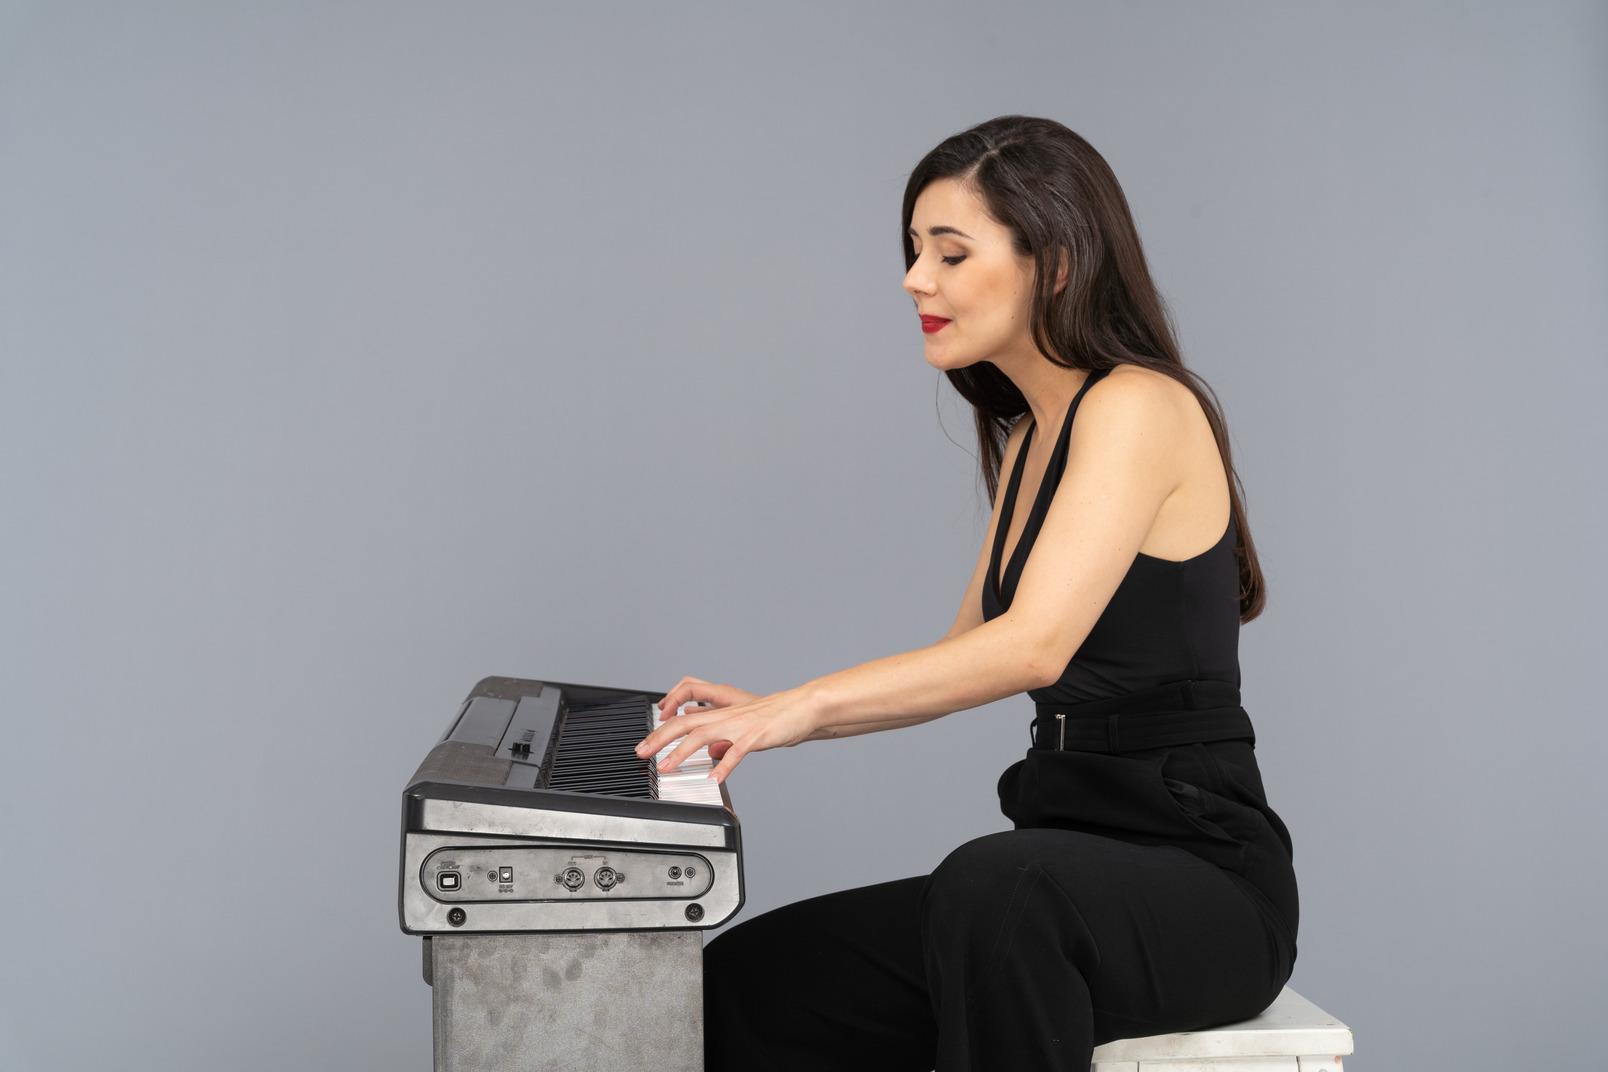 Vista lateral de una joven sentada sonriente en traje negro tocando el piano